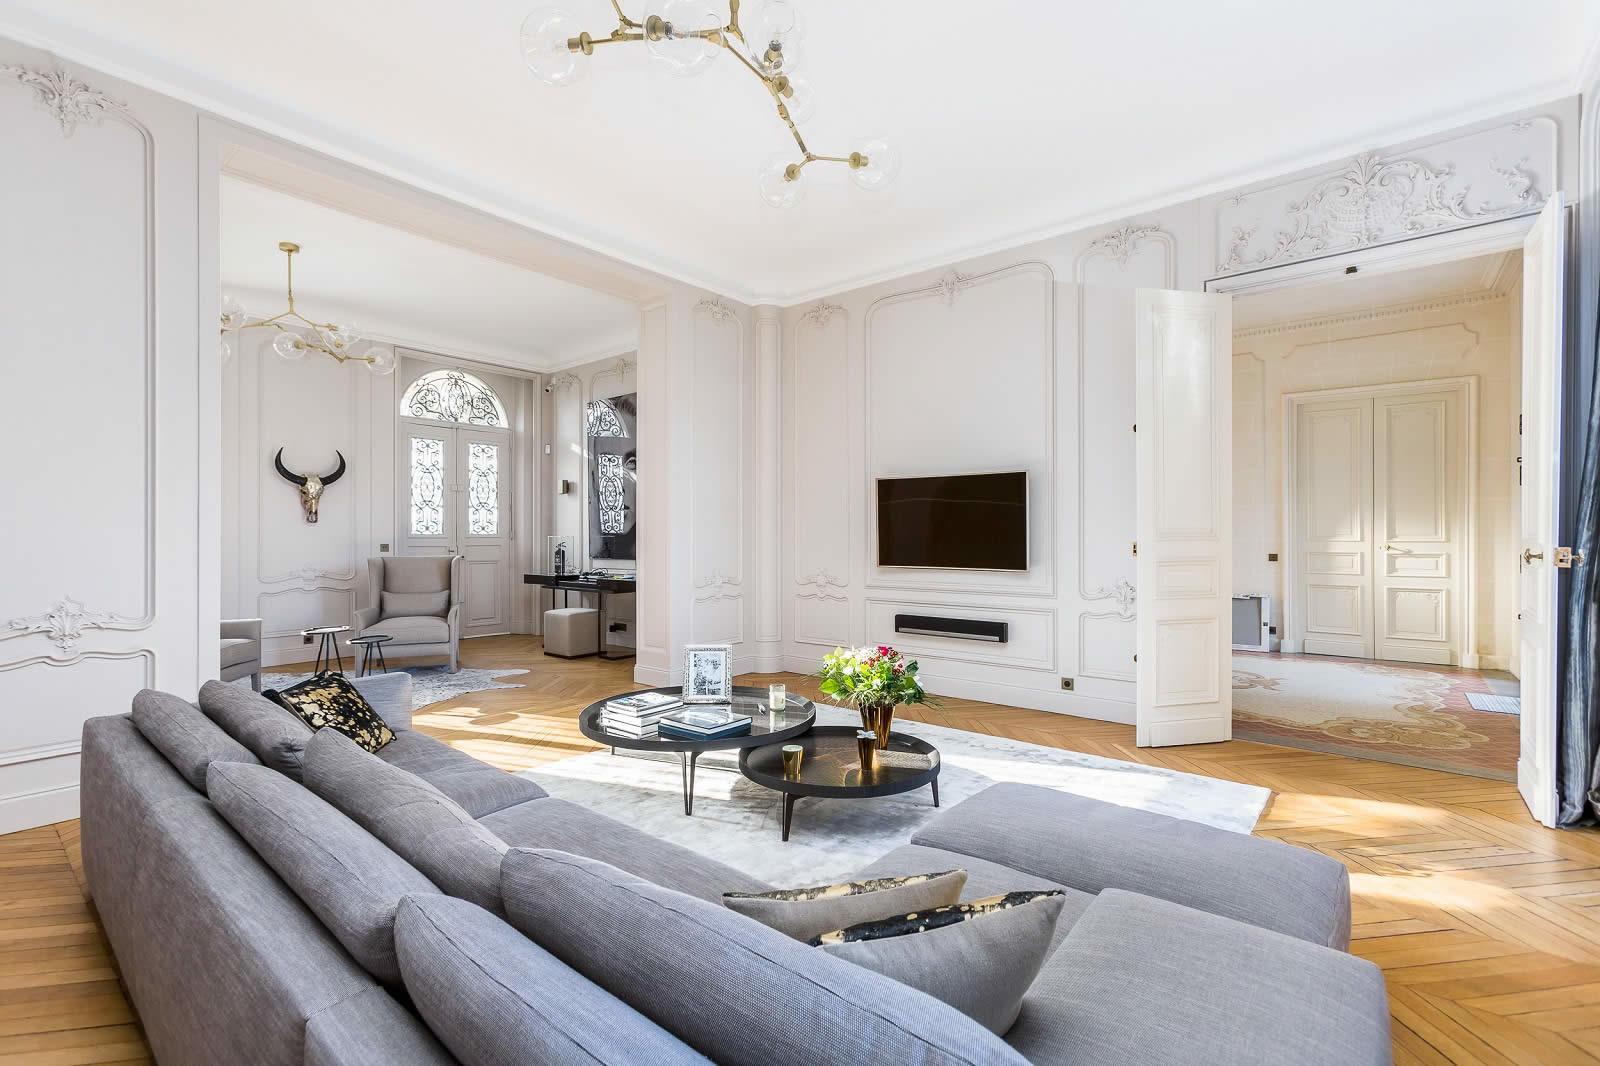 Magnifique maison de maitre  vendre  La Varenne SaintHilaire  Grand parc chemine dpoque